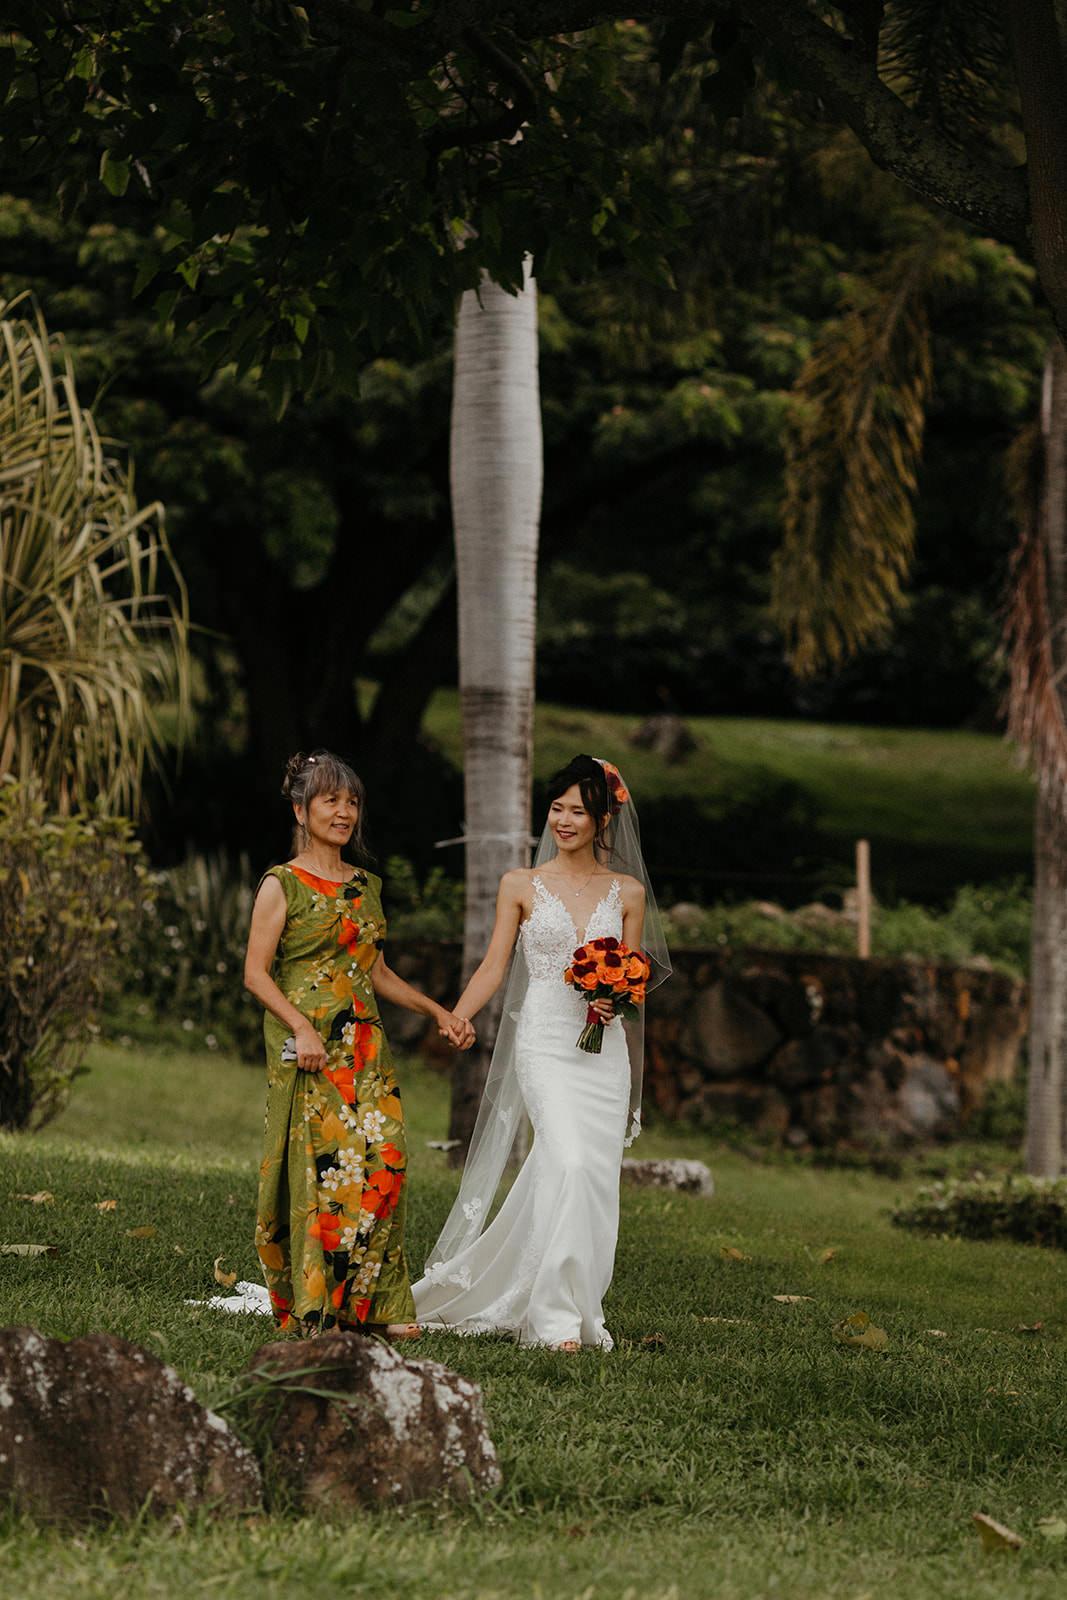 Kualoa_Hawaii_wedding_paliku24.jpg